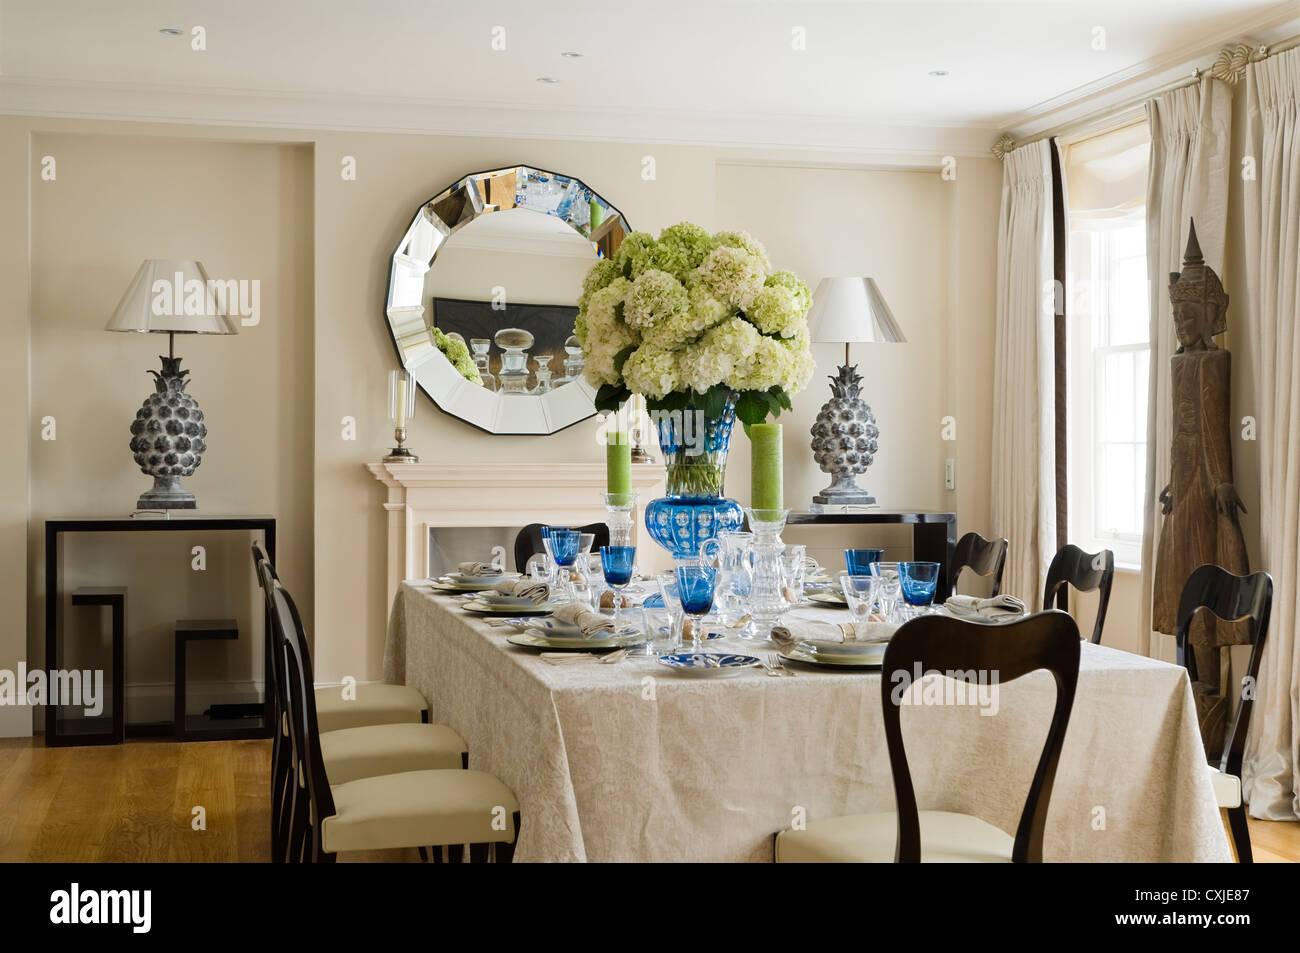 Farbe Tag Innen Tisch Esszimmer Esstisch Stuhl Tischdecke Weinglas